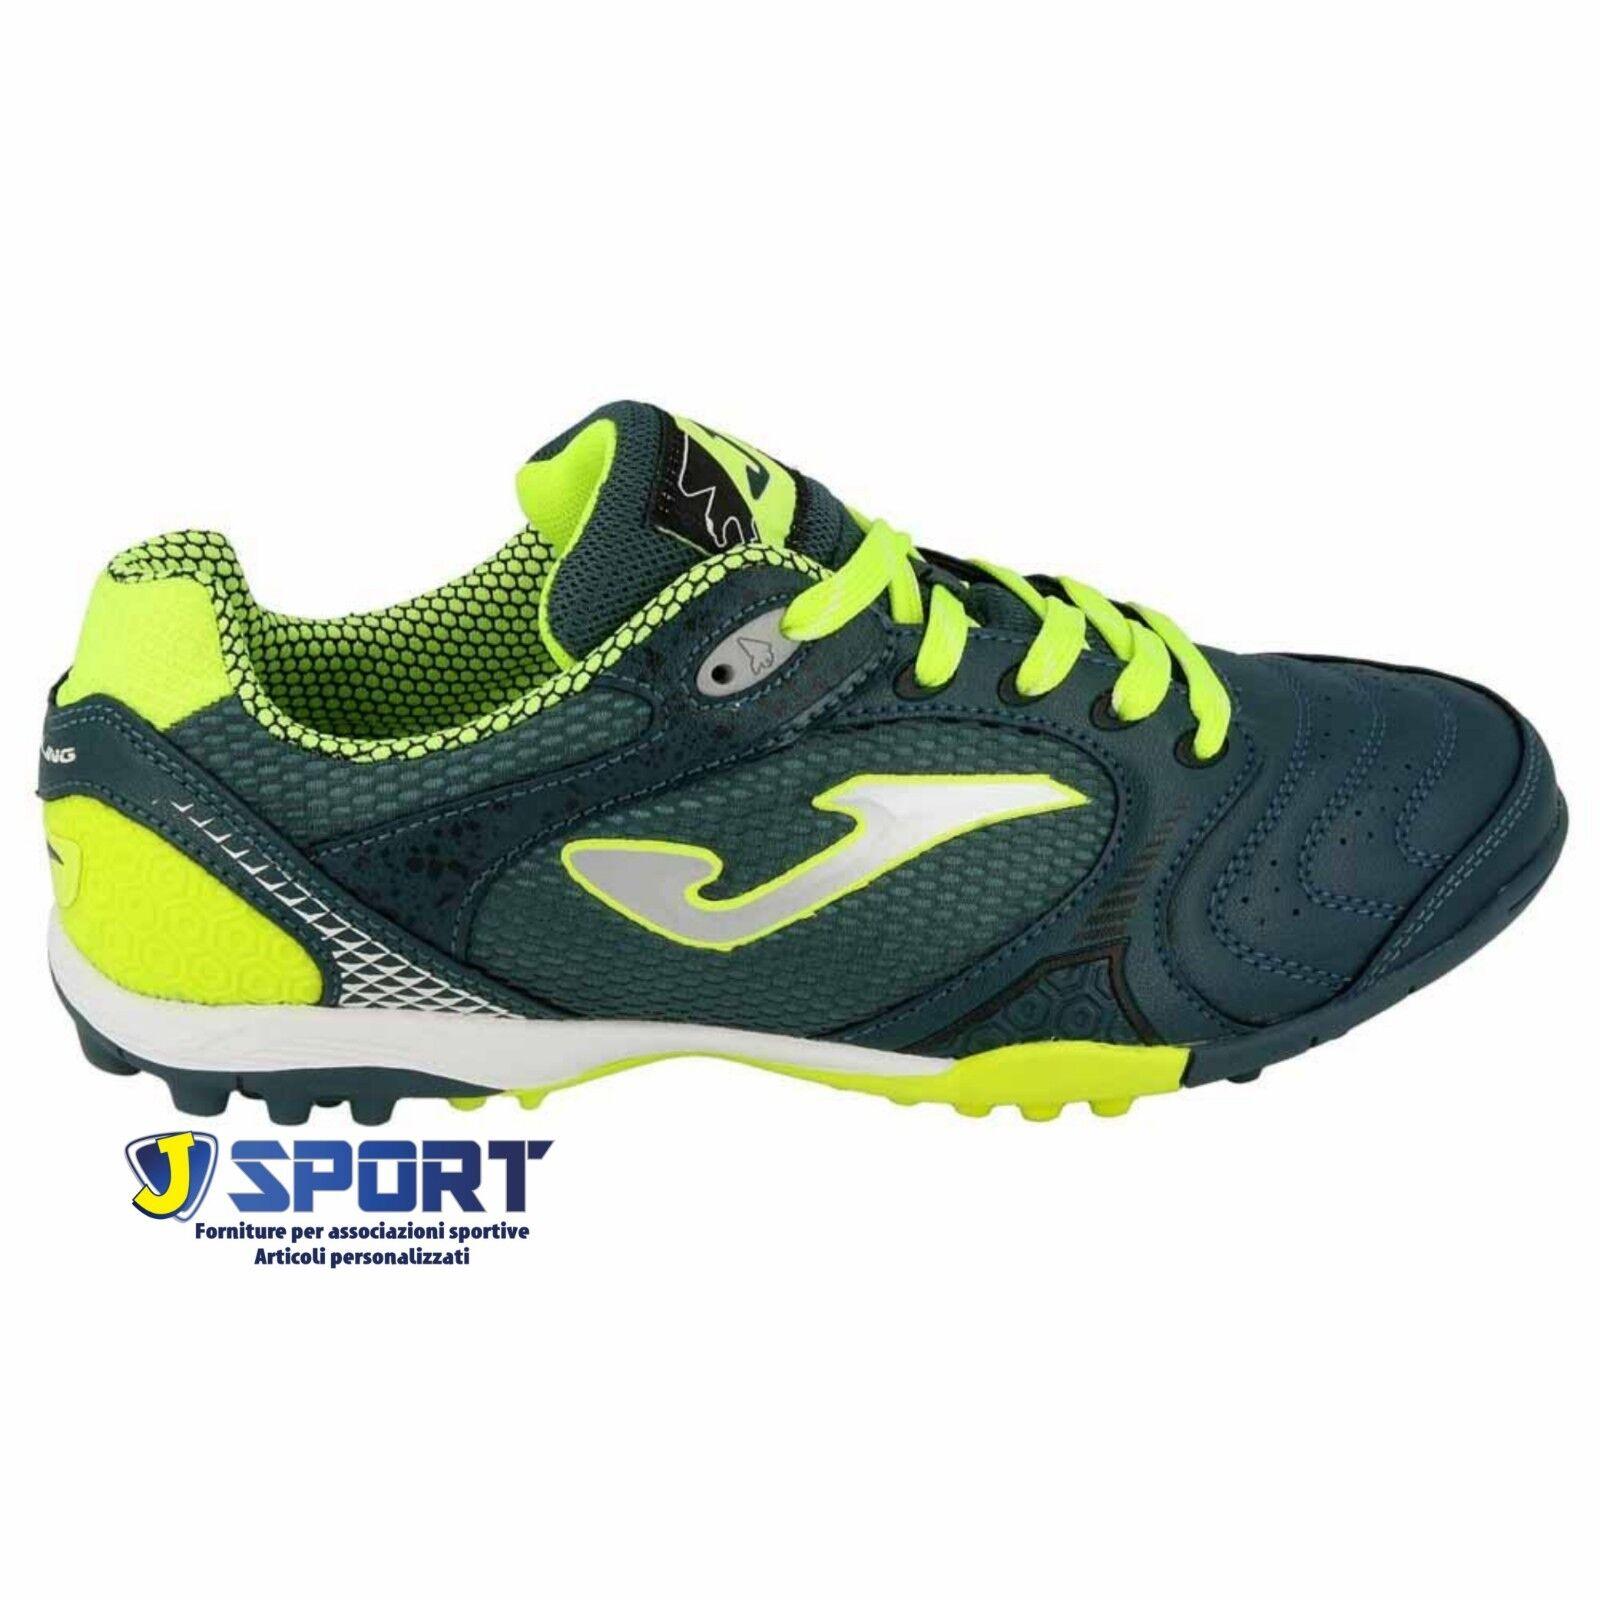 wholesale dealer e580a 7f445 Scarpe da calcetto calcetto calcetto JOMA turf per uomo scarpette calcio a  5 outdoor scarpini   A Basso Costo f025b4